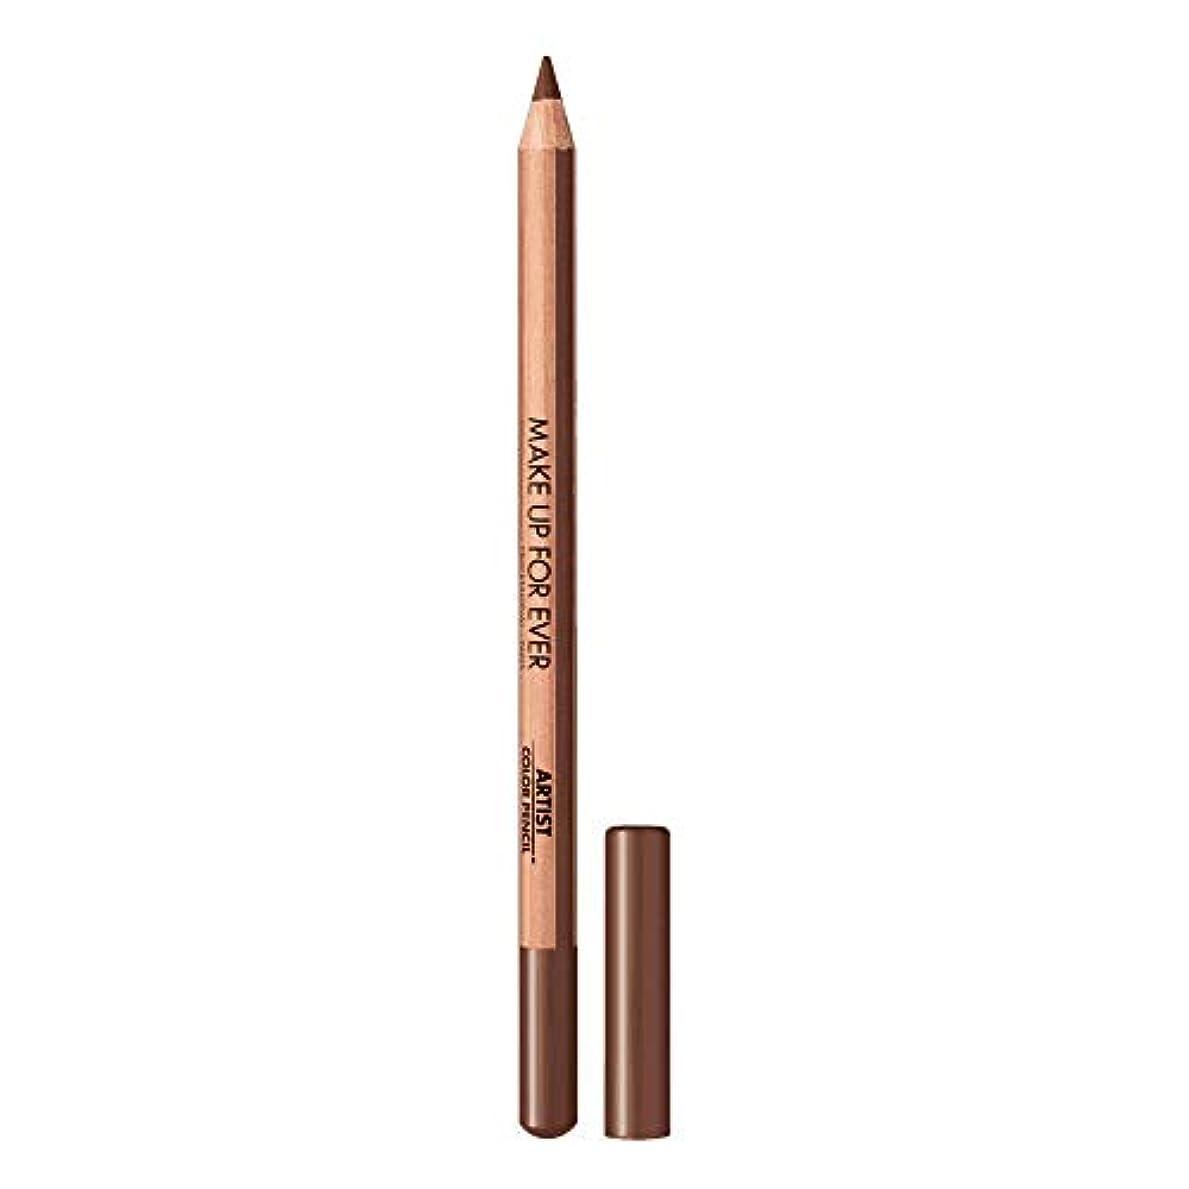 唯一ロールレタスメイクアップフォーエバー Artist Color Pencil - # 608 Limitless Brown 1.41g/0.04oz並行輸入品